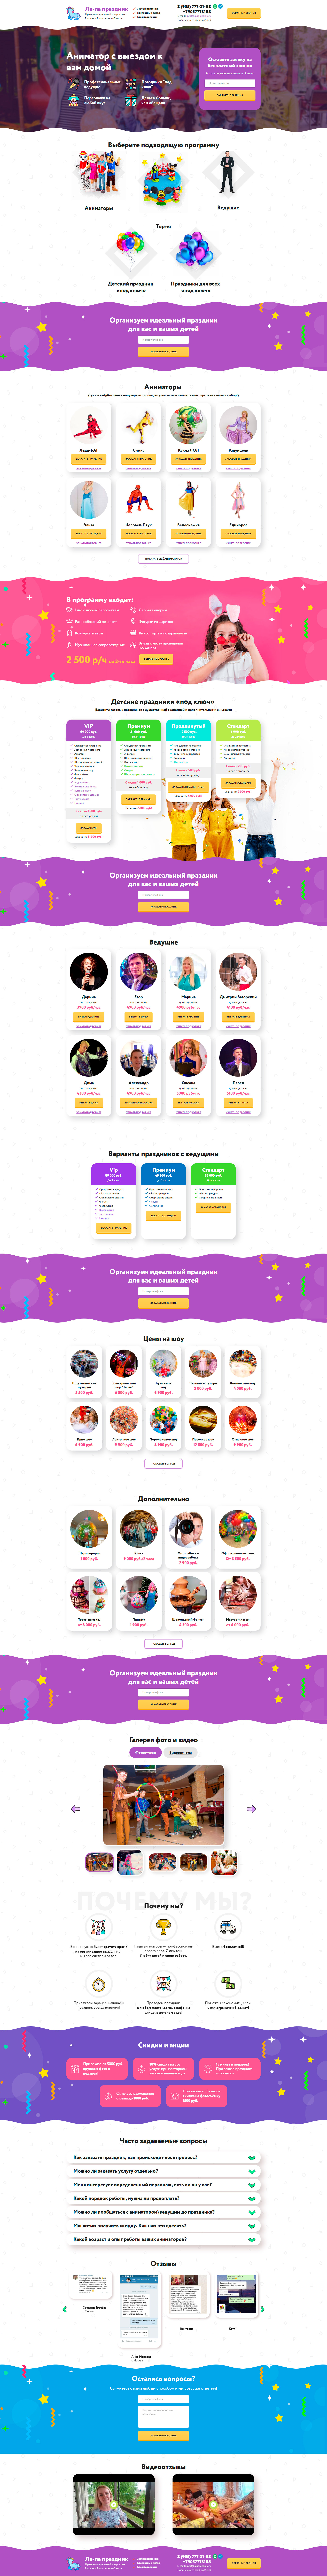 Праздники для детей и взрослых. Адаптивная верстка, интеграция на cms Wordpress